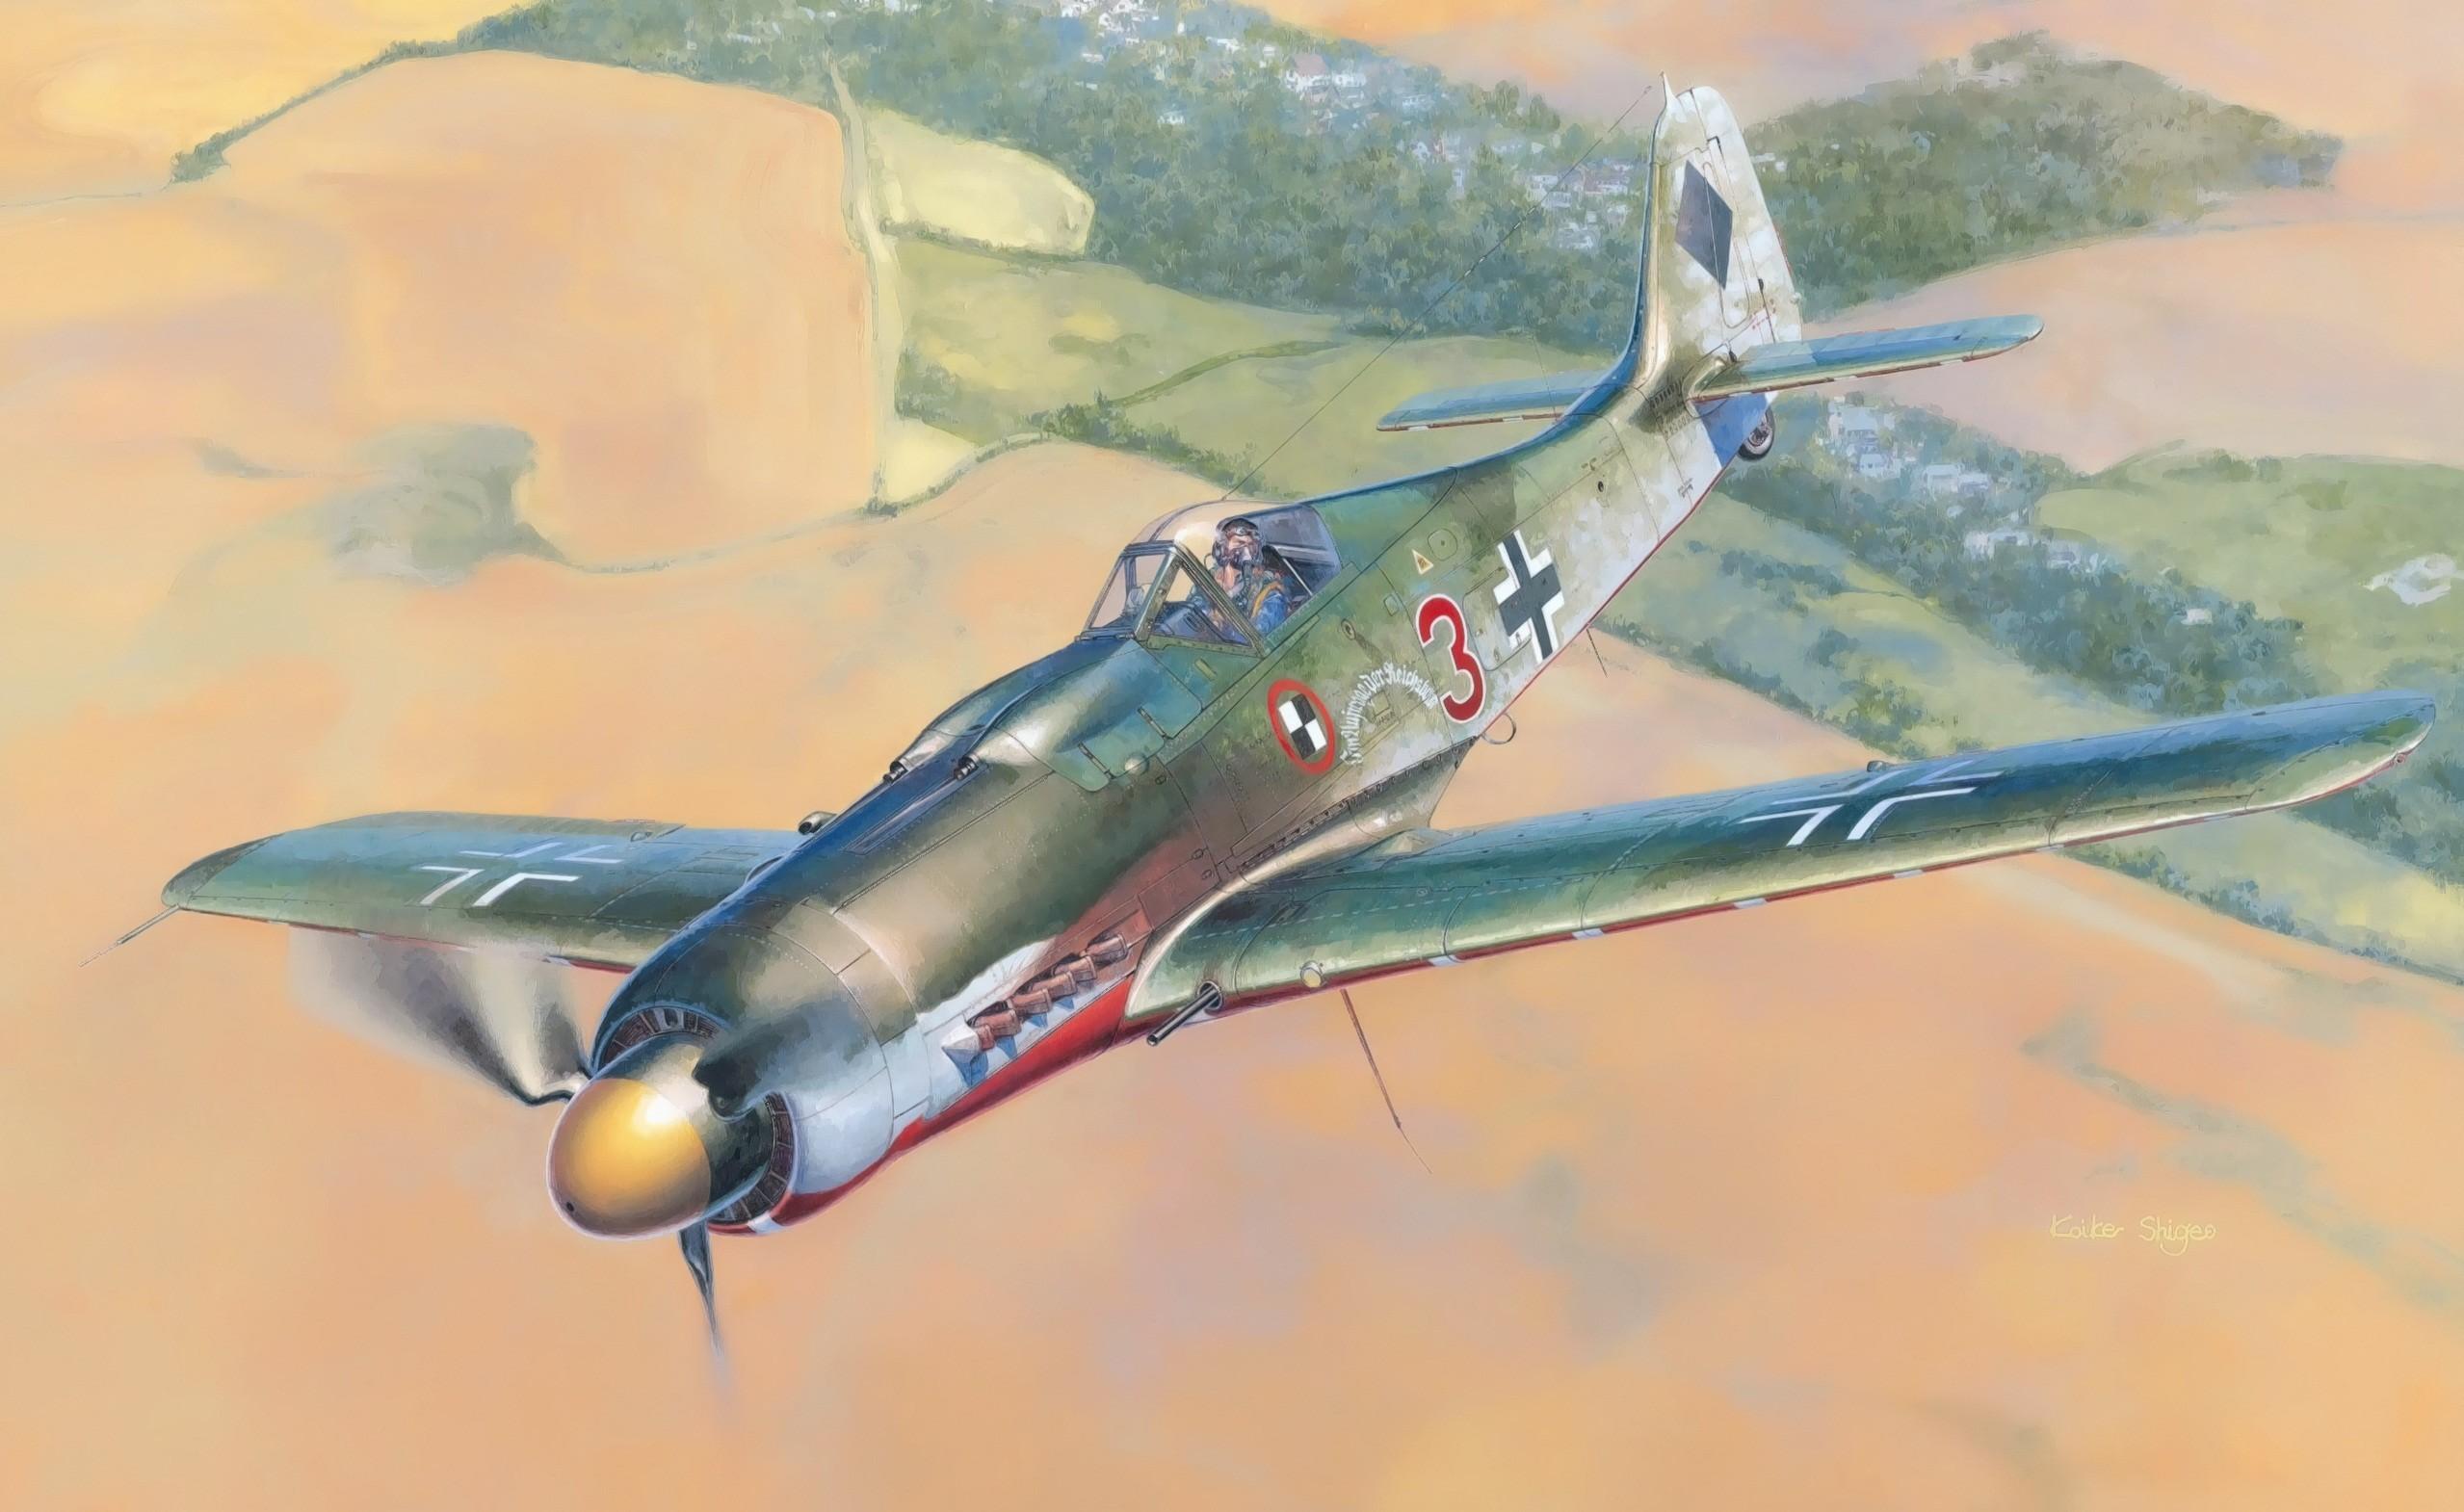 General 2558x1570 World War II fw 190 Focke-Wulf Luftwaffe Germany airplane military aircraft military aircraft